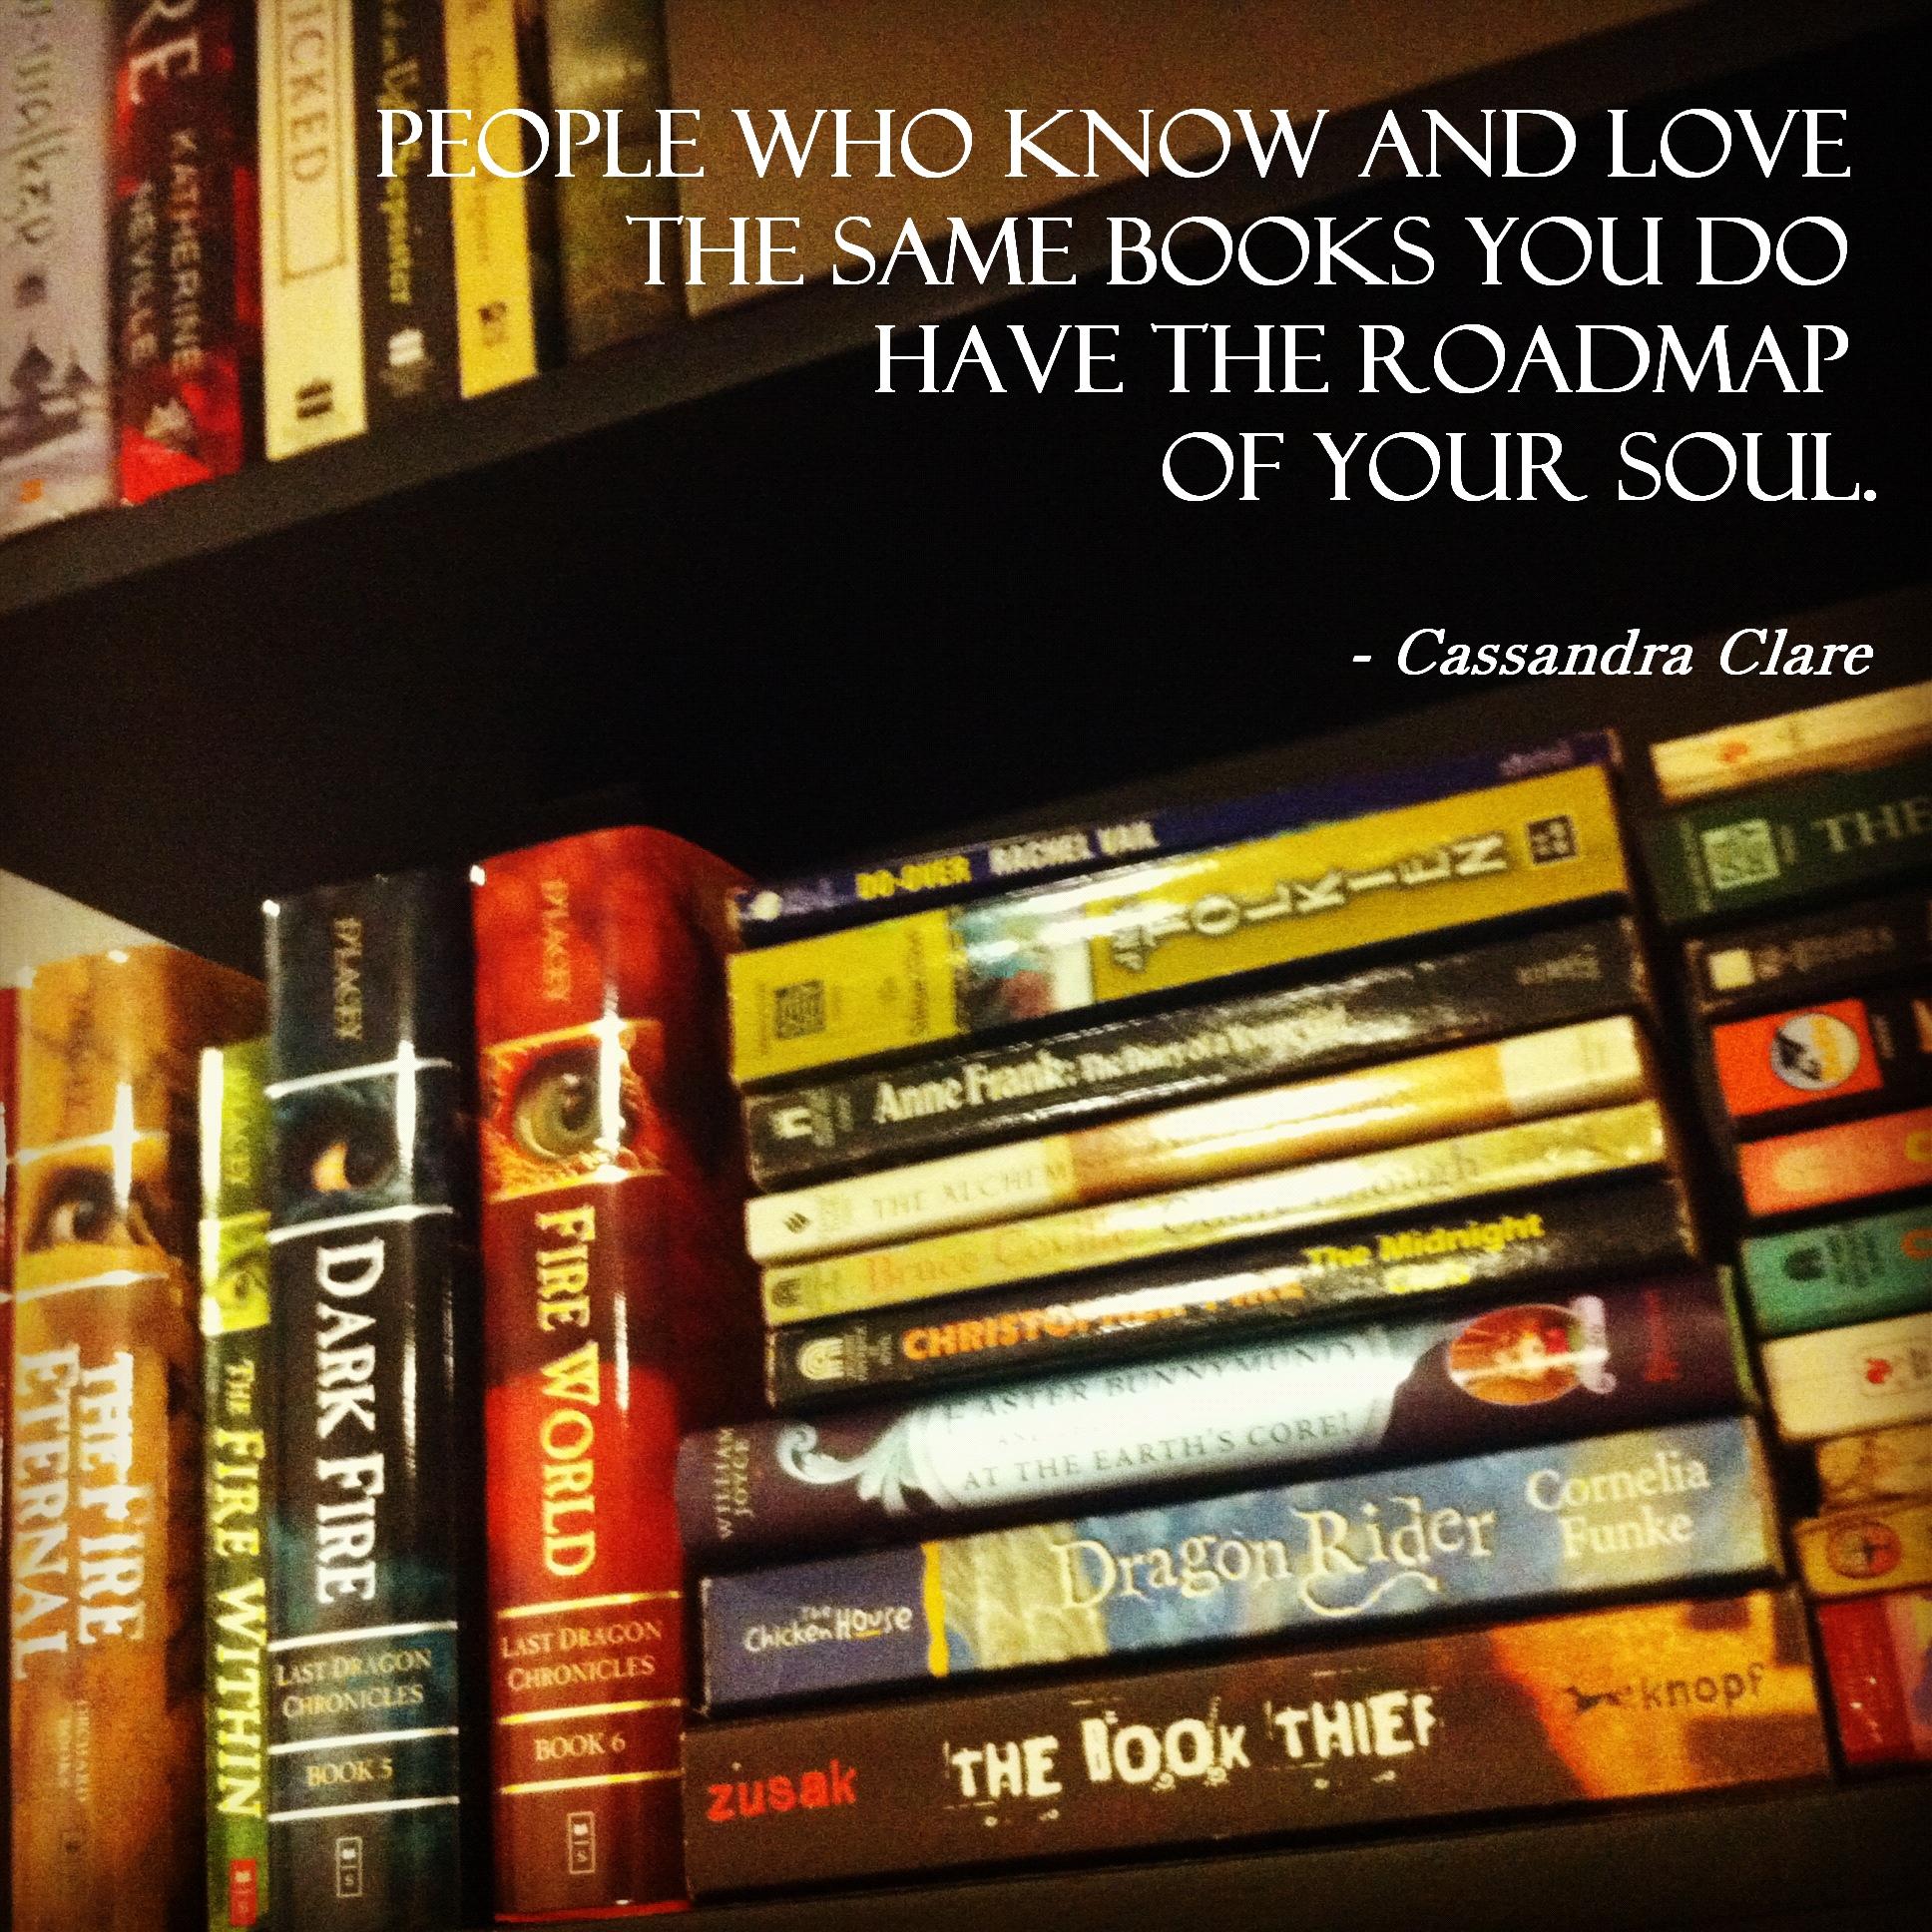 Cassandra Clare's quote #2